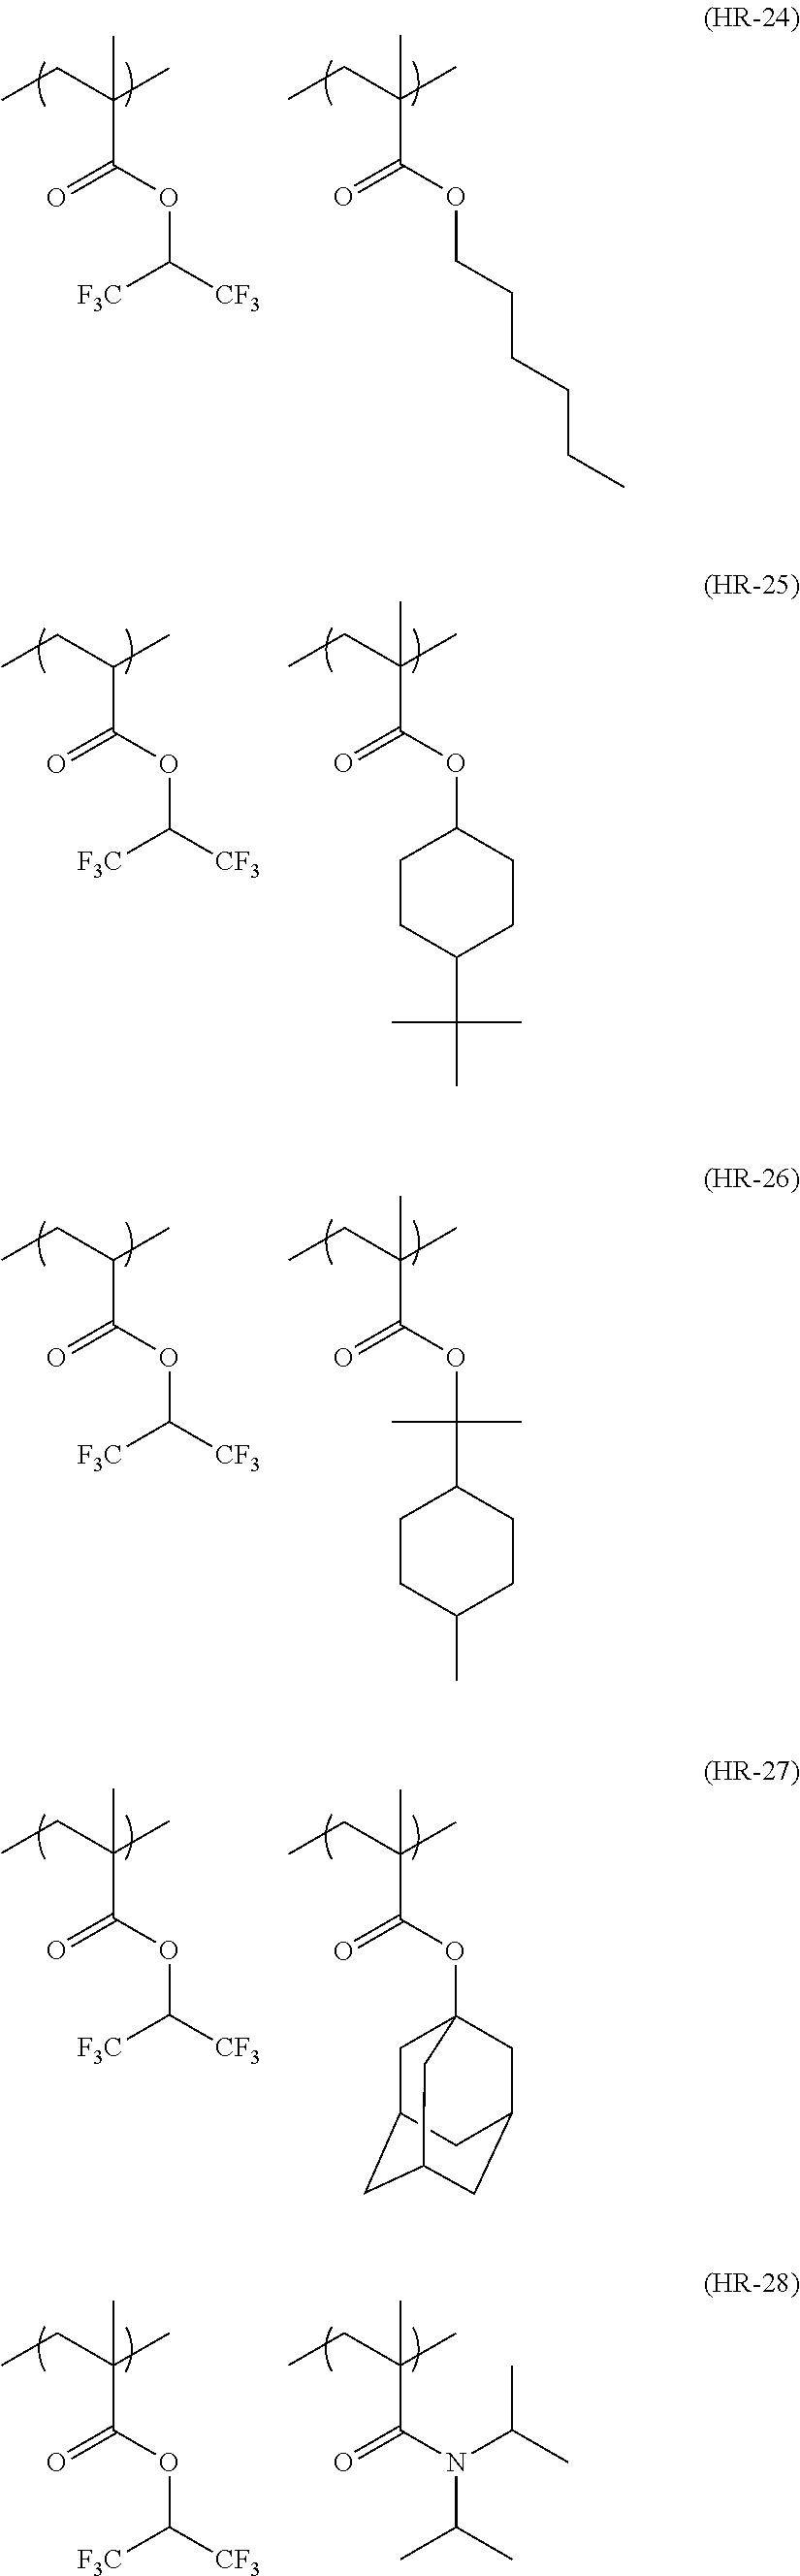 Figure US20110183258A1-20110728-C00116